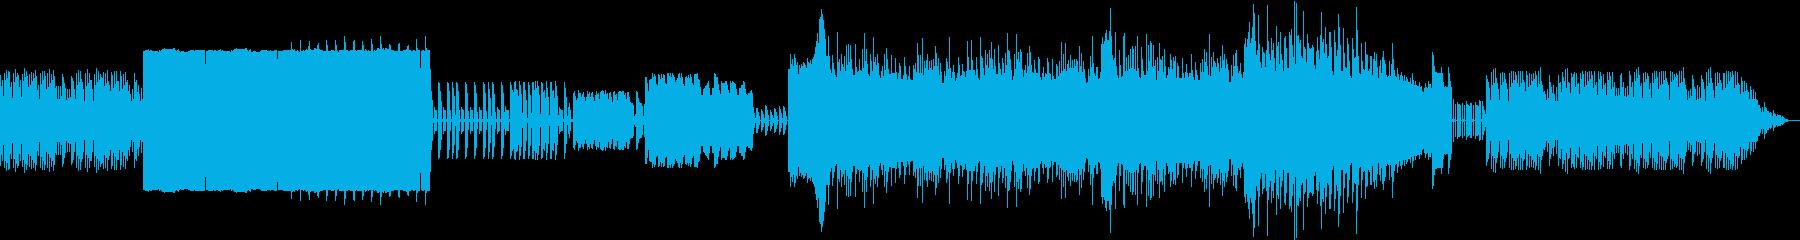 ファミコン音源で作られたほのぼの系BGMの再生済みの波形